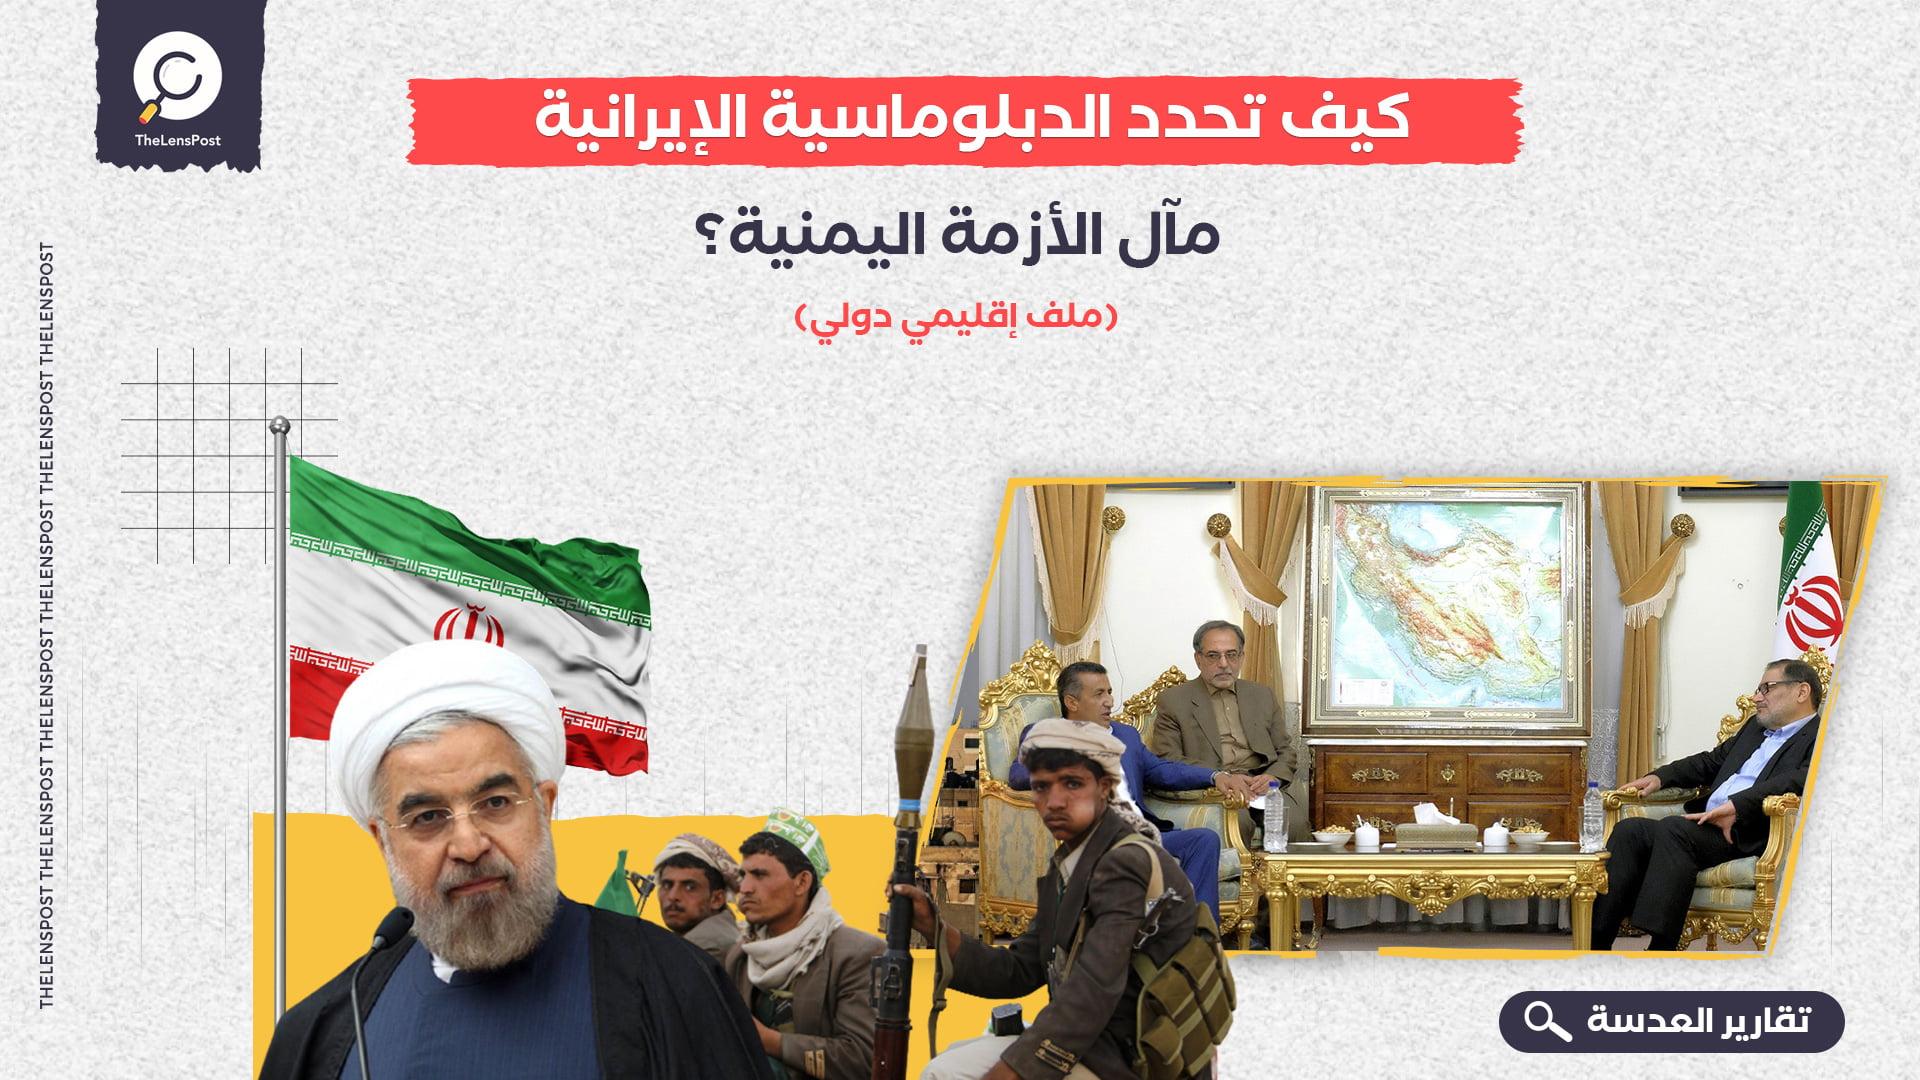 كيف تحدد الدبلوماسية الإيرانية مآل الأزمة اليمنية؟